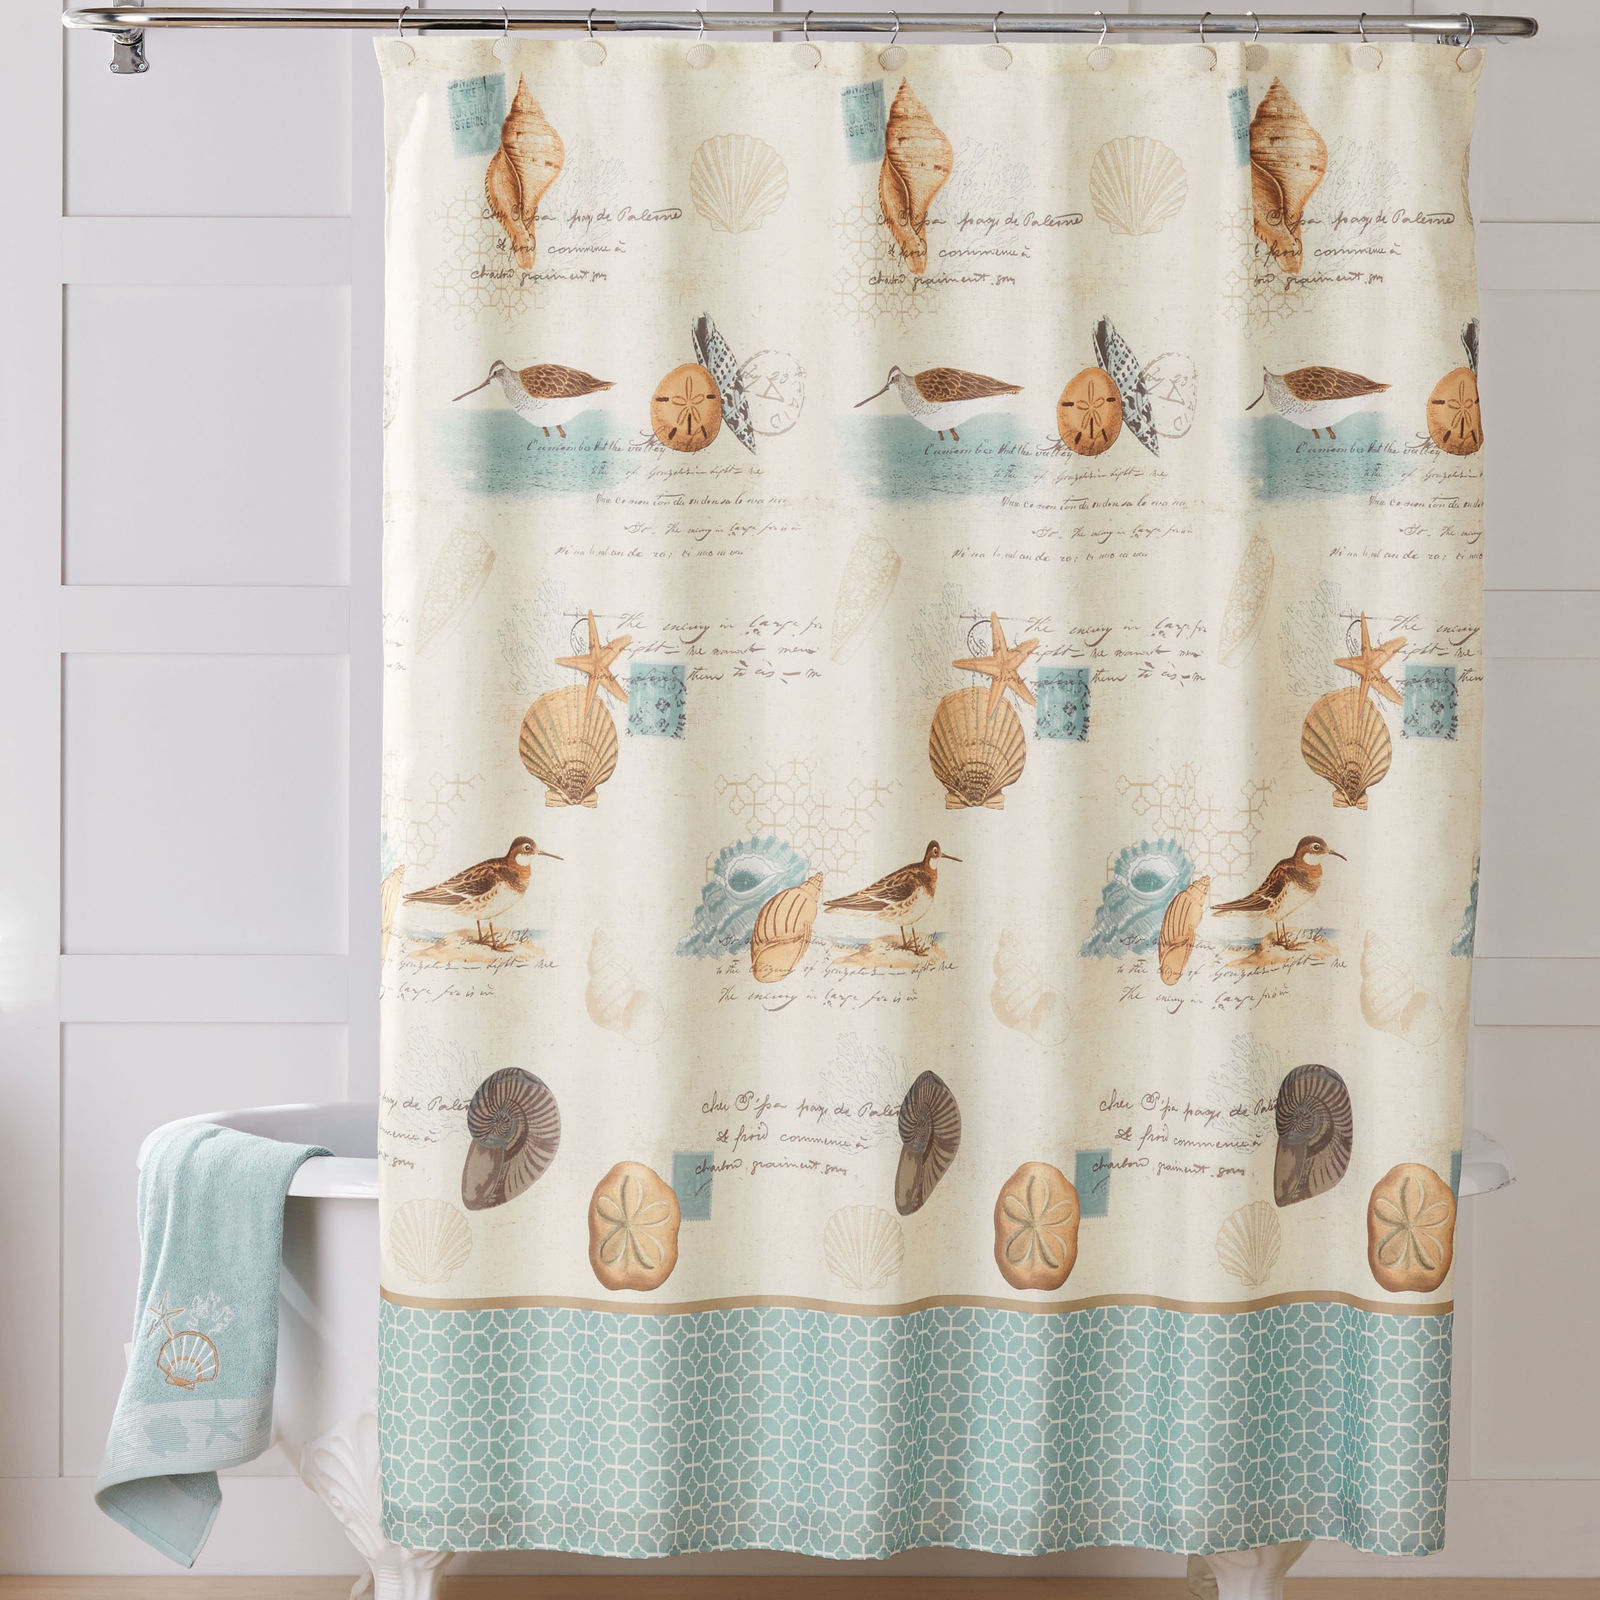 ❤ Shower Curtain Fabric Summer Beach Coastal and 50 similar items